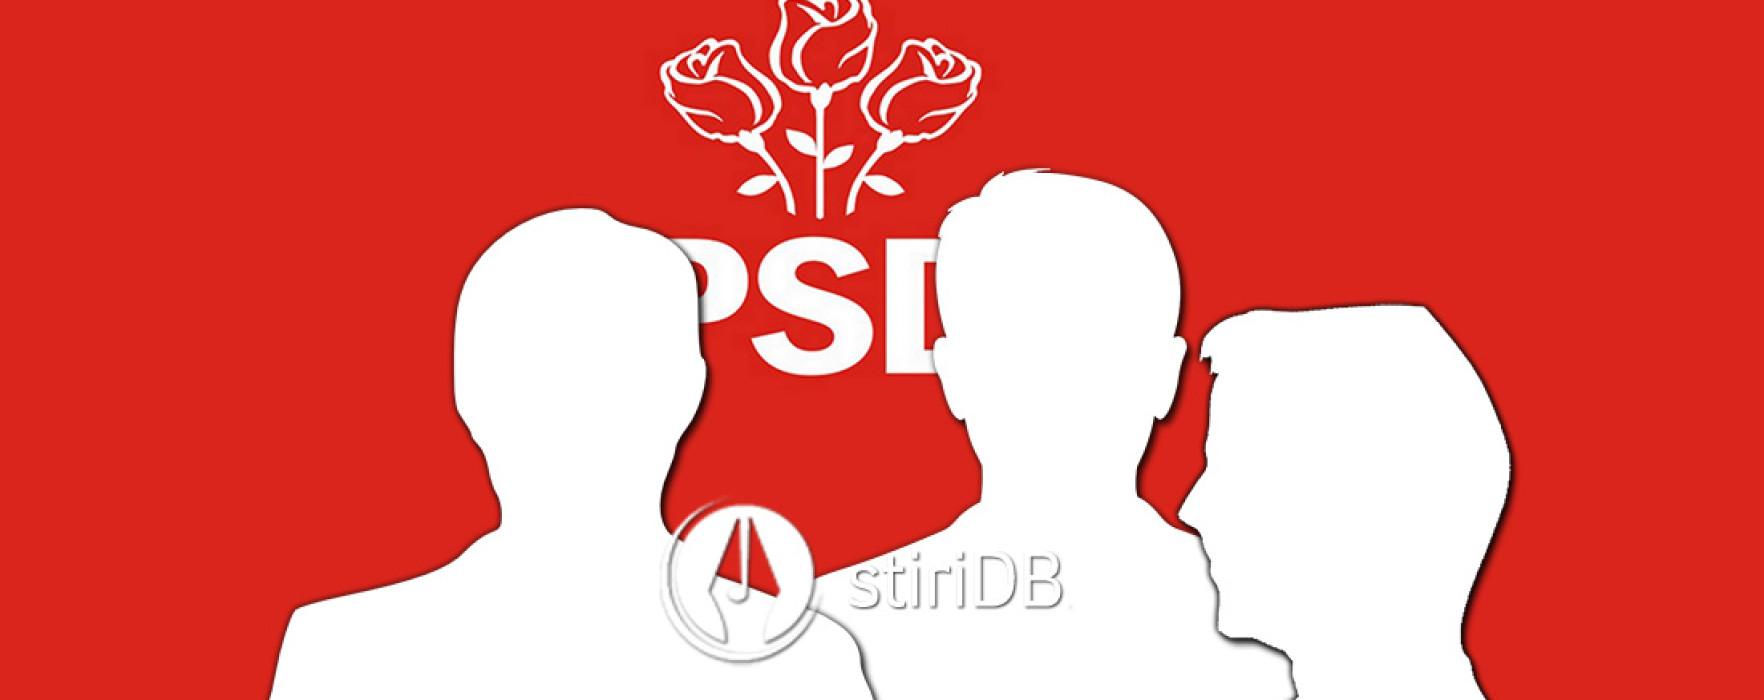 #parlamentare2016 PSD Dâmboviţa îşi propune să obţină 70% la alegerile parlamentare